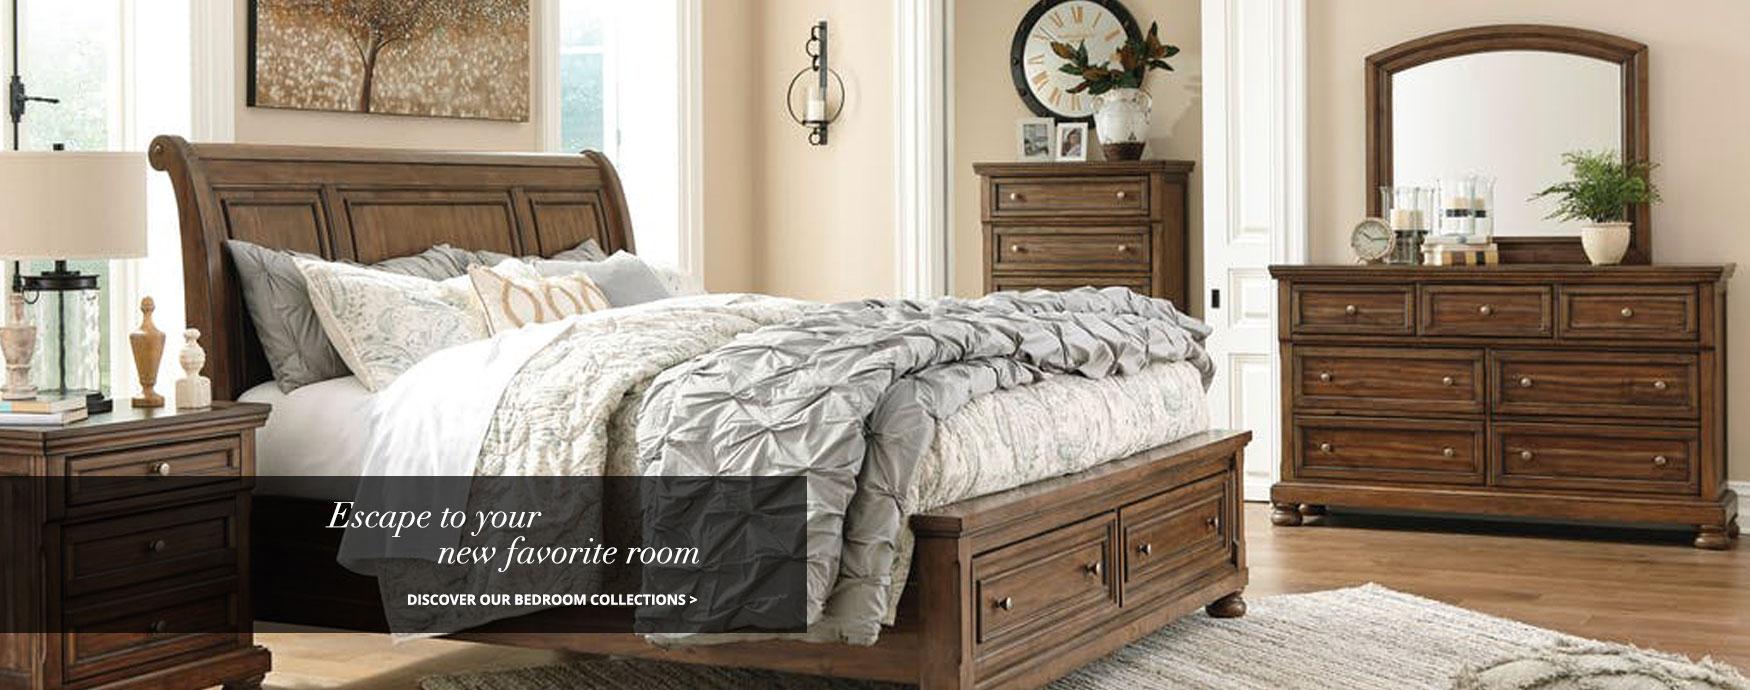 Cramer\'s Furniture & Mattress Store | Best Value in ...